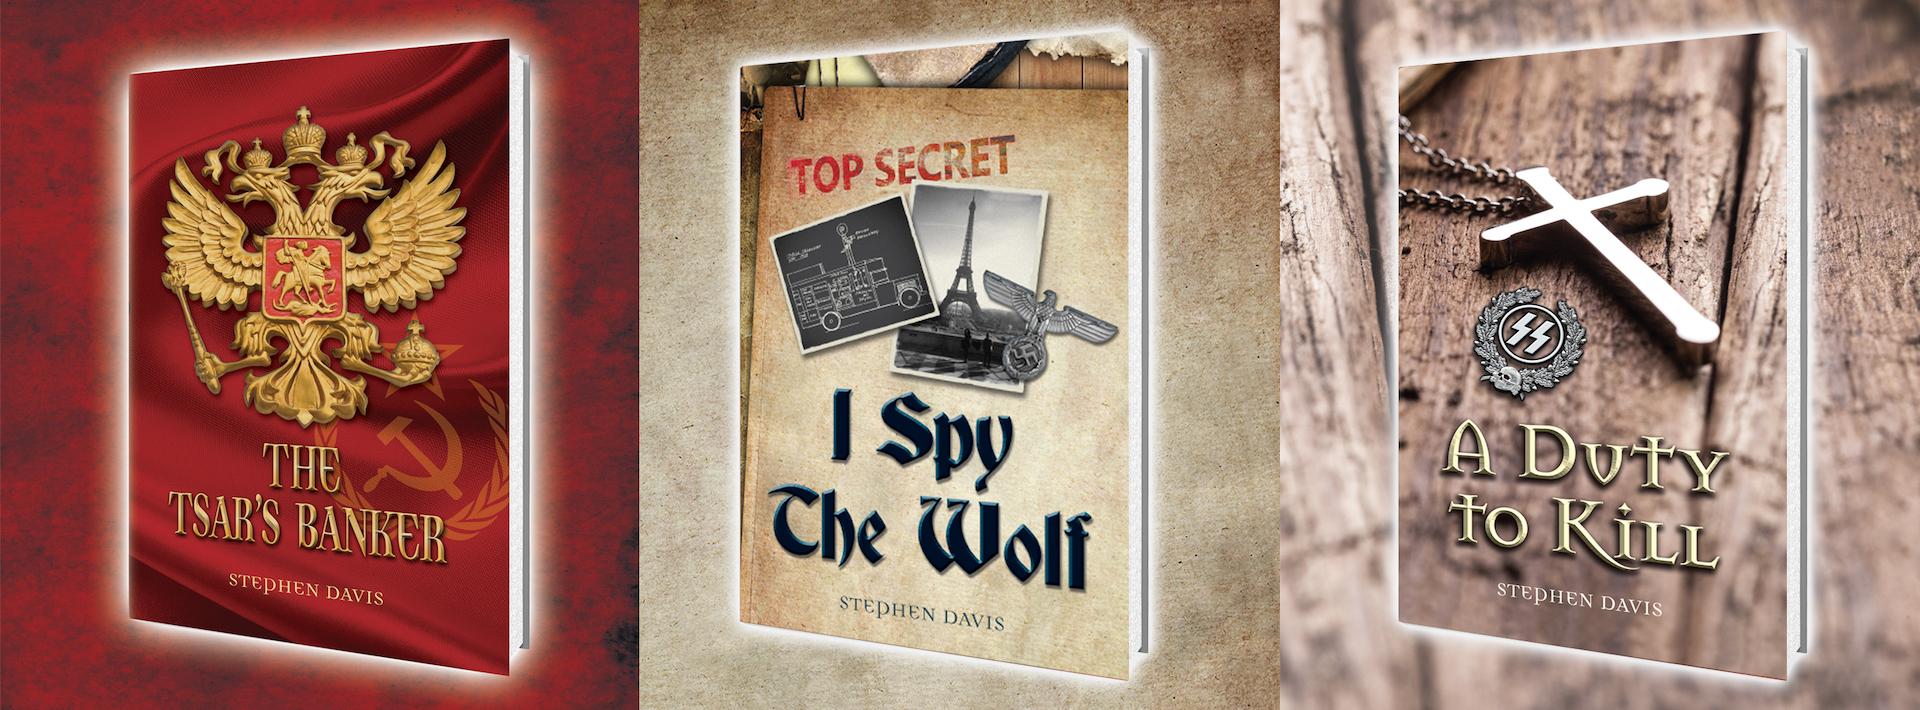 7-new-slide-7-spy-books_orig-1920